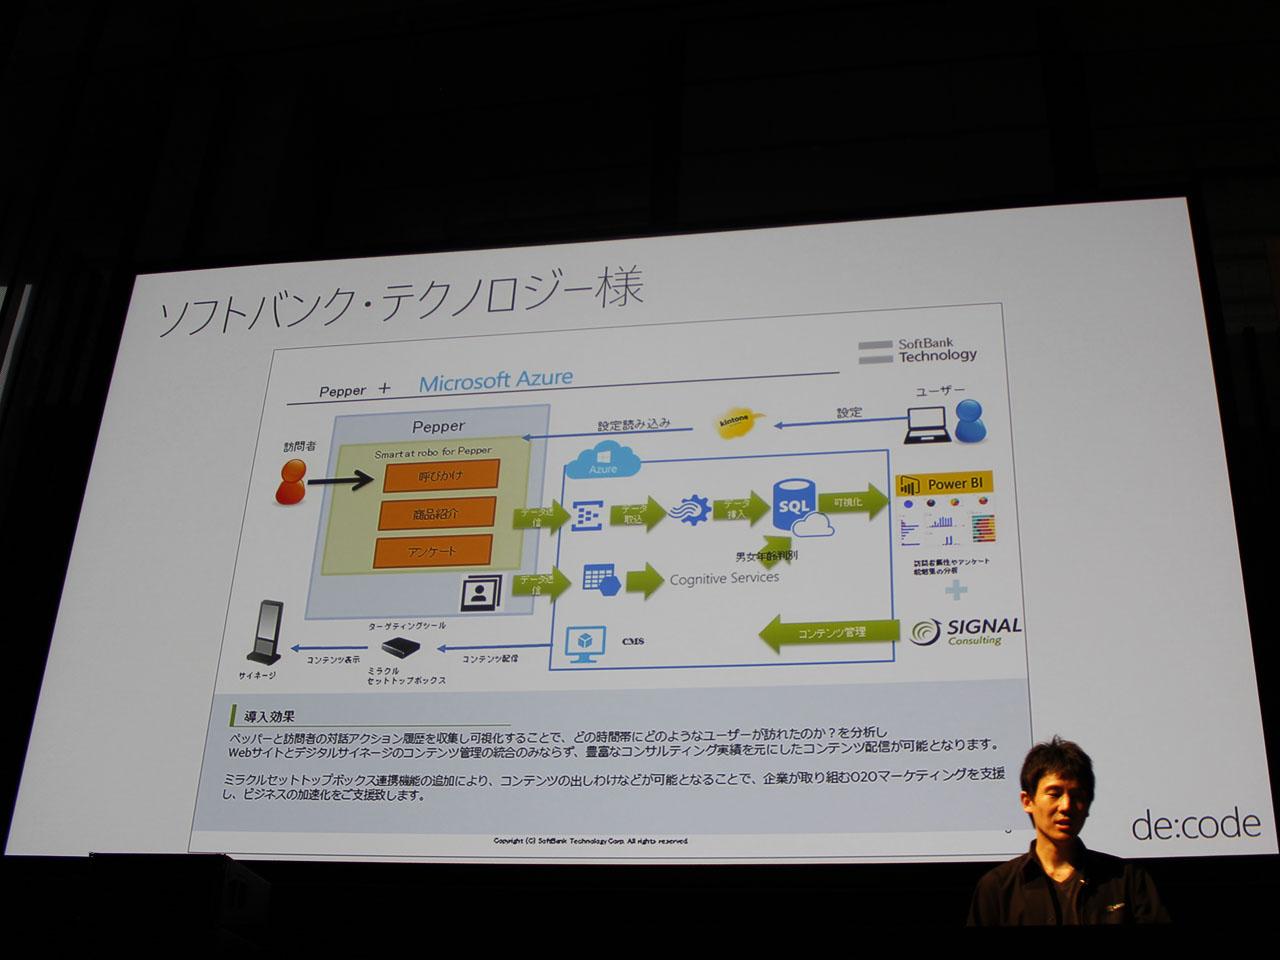 ソフトバンクテクノロジーではAzure IoTをPepperと連携、会話データを蓄積してマーケティングに活かすシステムも実現している